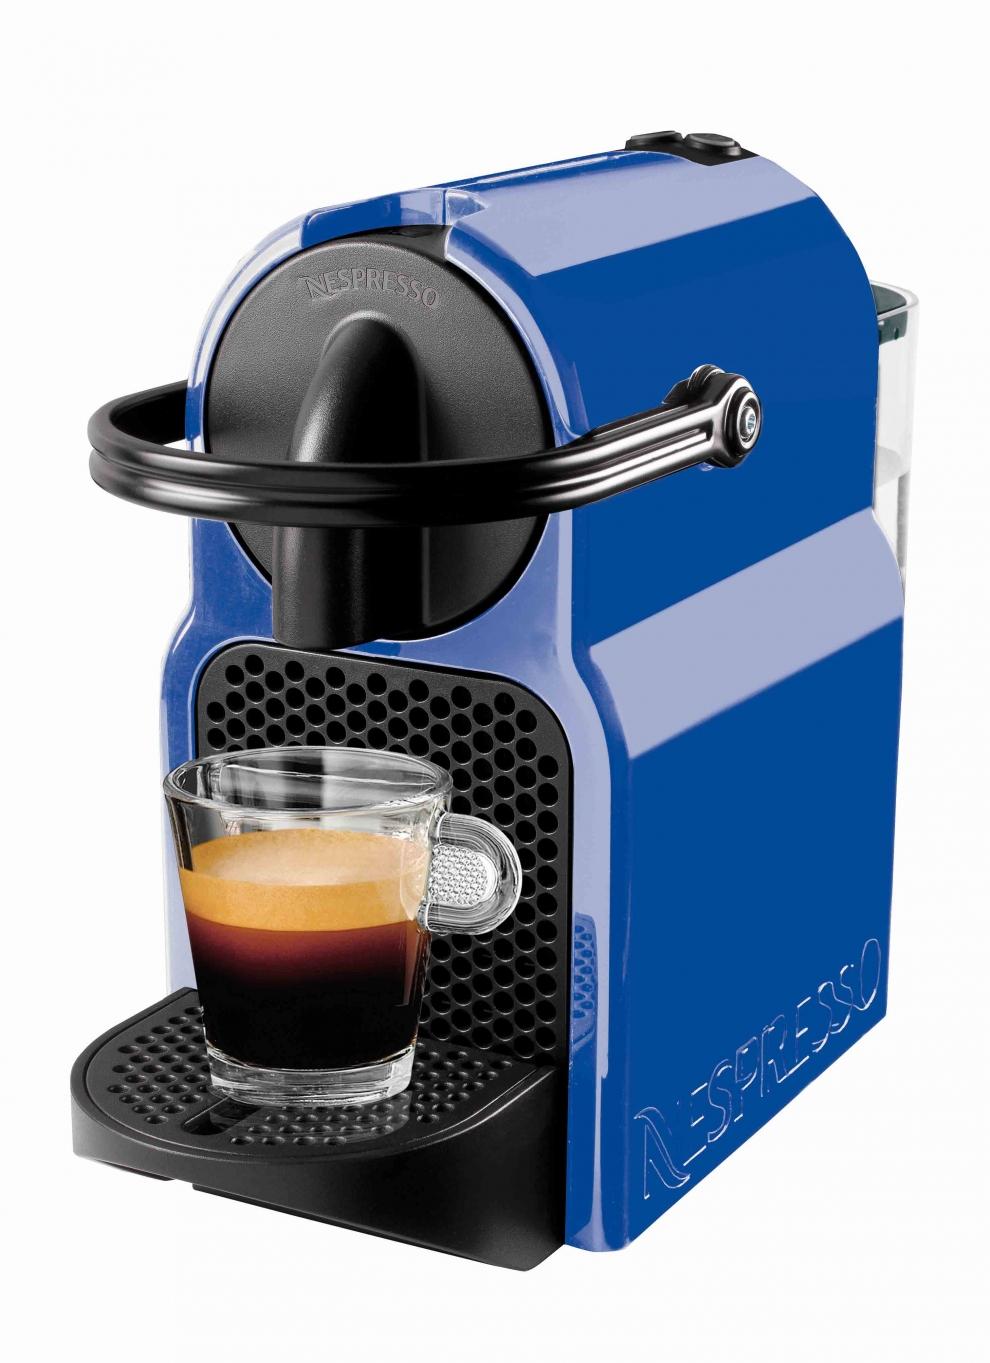 magimix nespresso m130 inissia bleu blueberry magimix 11354 11354 achetez au meilleur prix. Black Bedroom Furniture Sets. Home Design Ideas